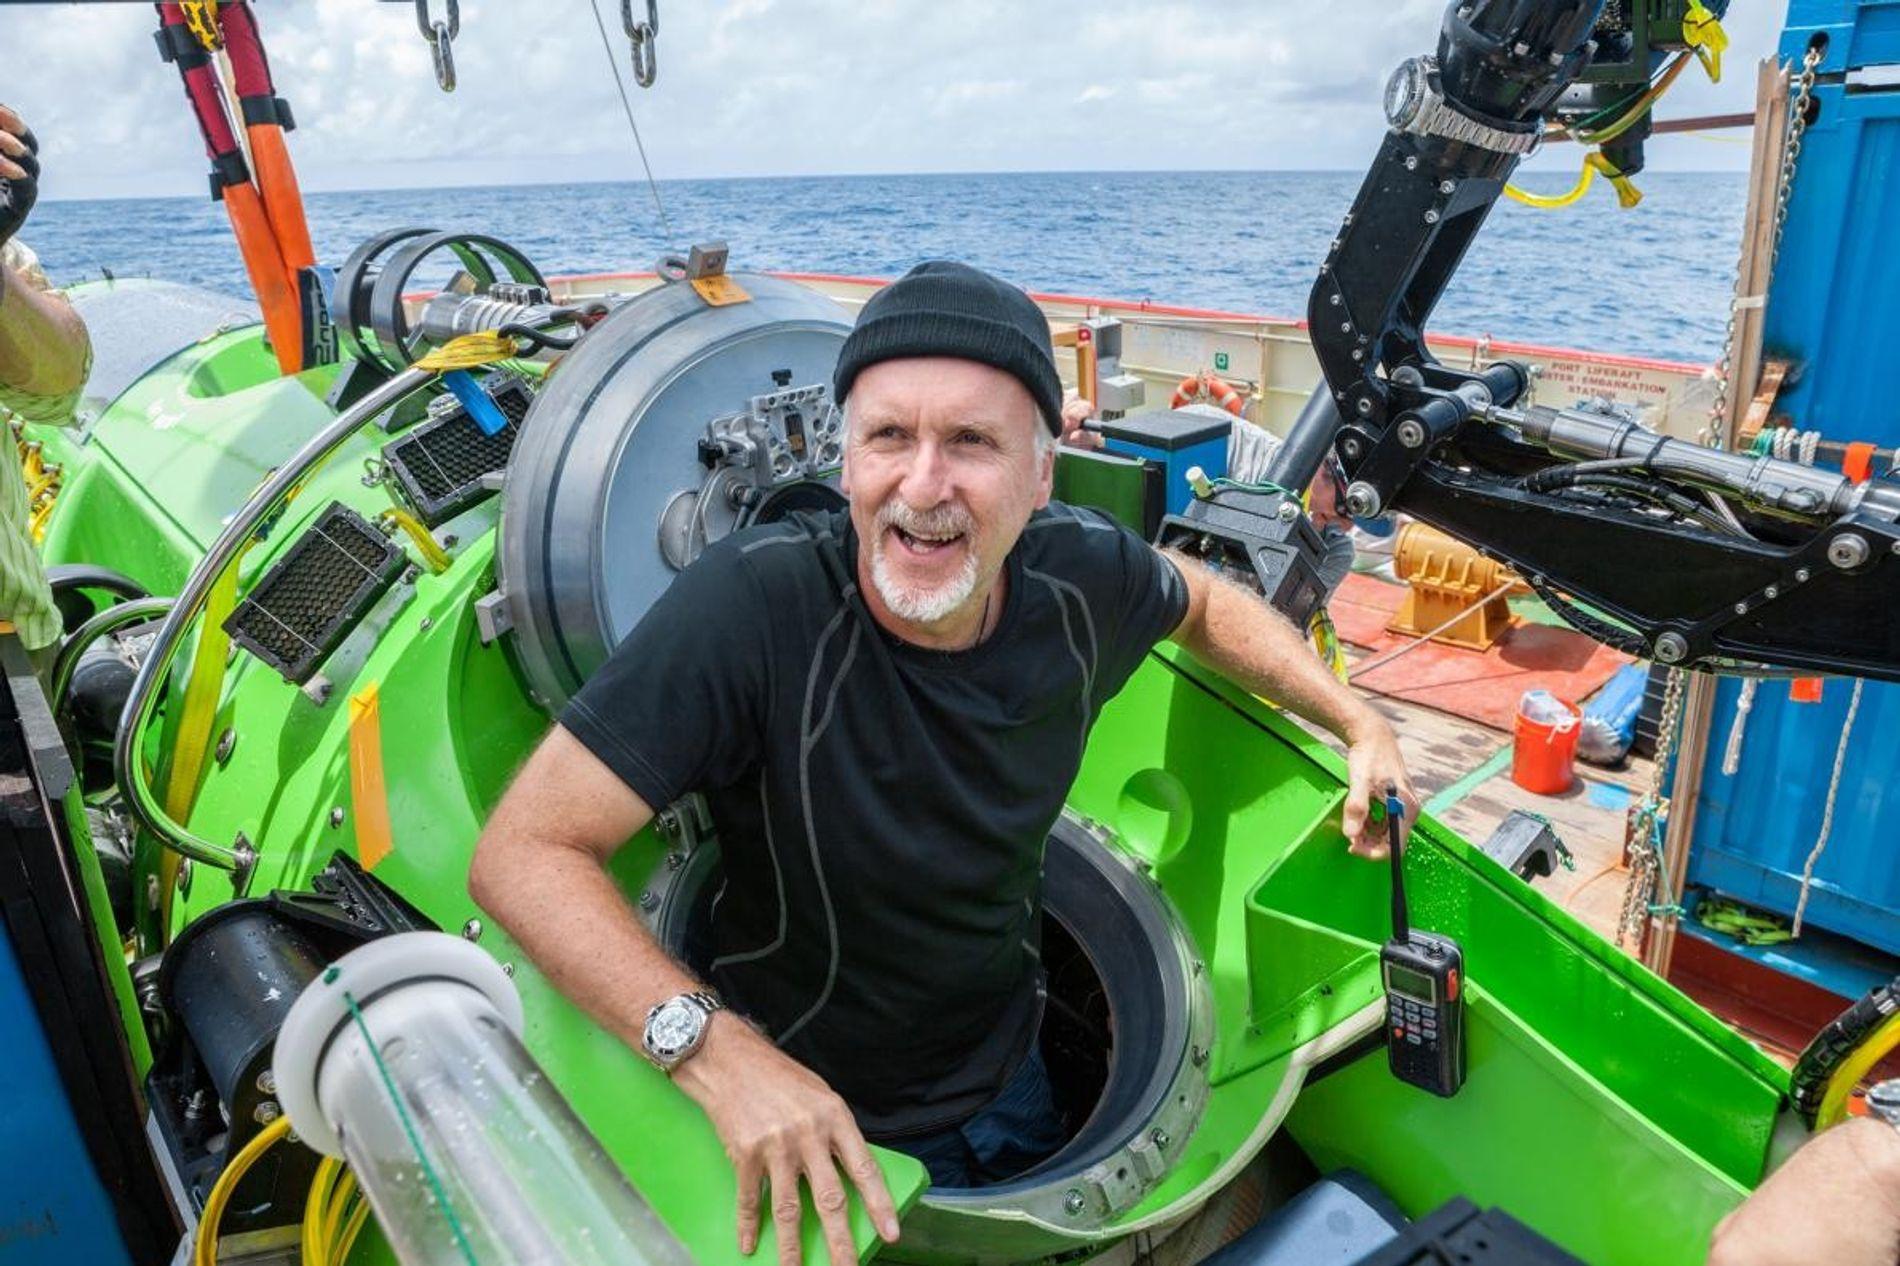 National Geographic et Rolex ont apporté leur soutien au travail remarquable effectué par quelques-uns des explorateurs les plus émiments au monde, comme le photographe David Doubilet (à gauche), le réalisateur James Cameron (à droite) et l'océanographe Sylvia Earle.